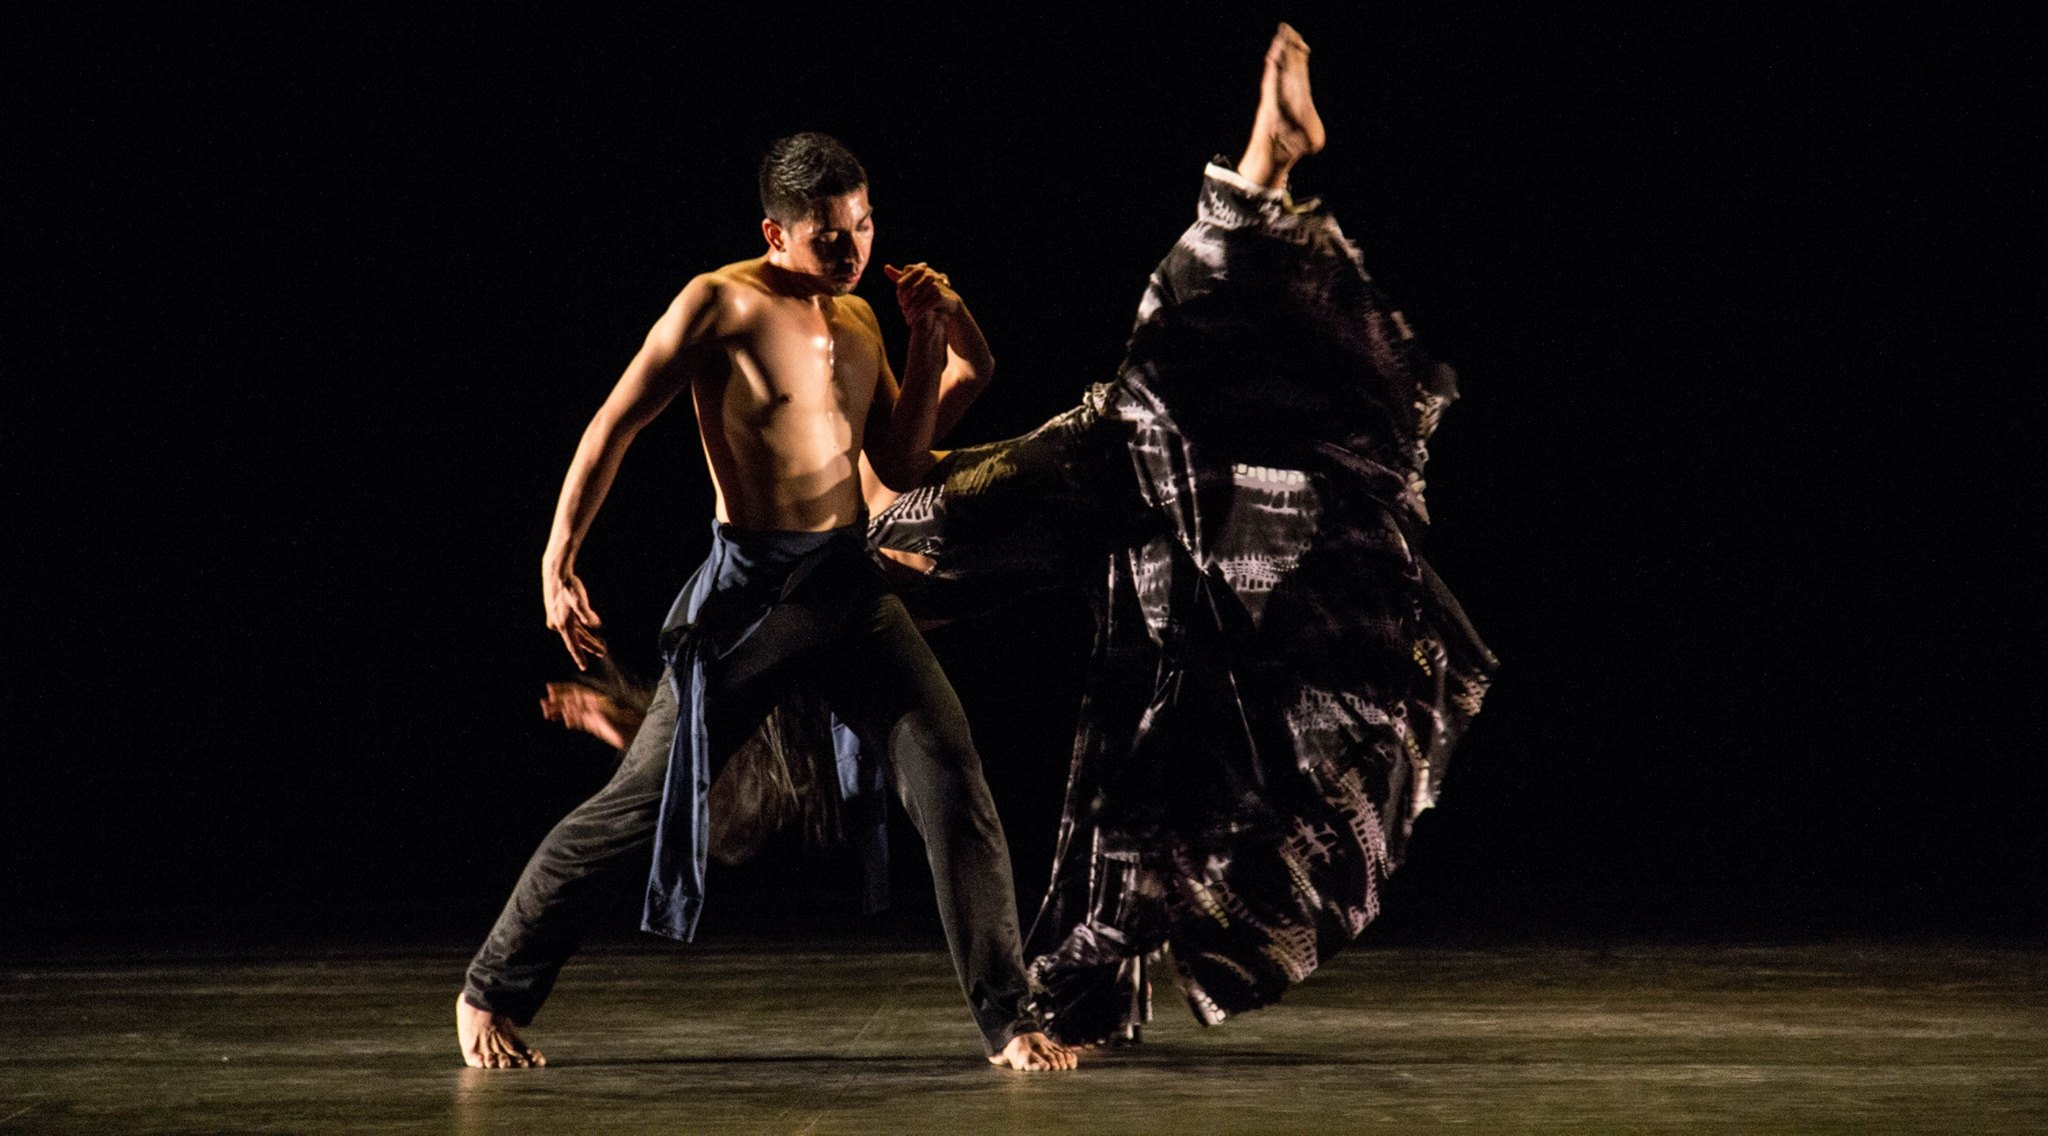 Compañía de Danza Isidro Arreola crea espectáculos donde convergen diversos estilos dancísticos